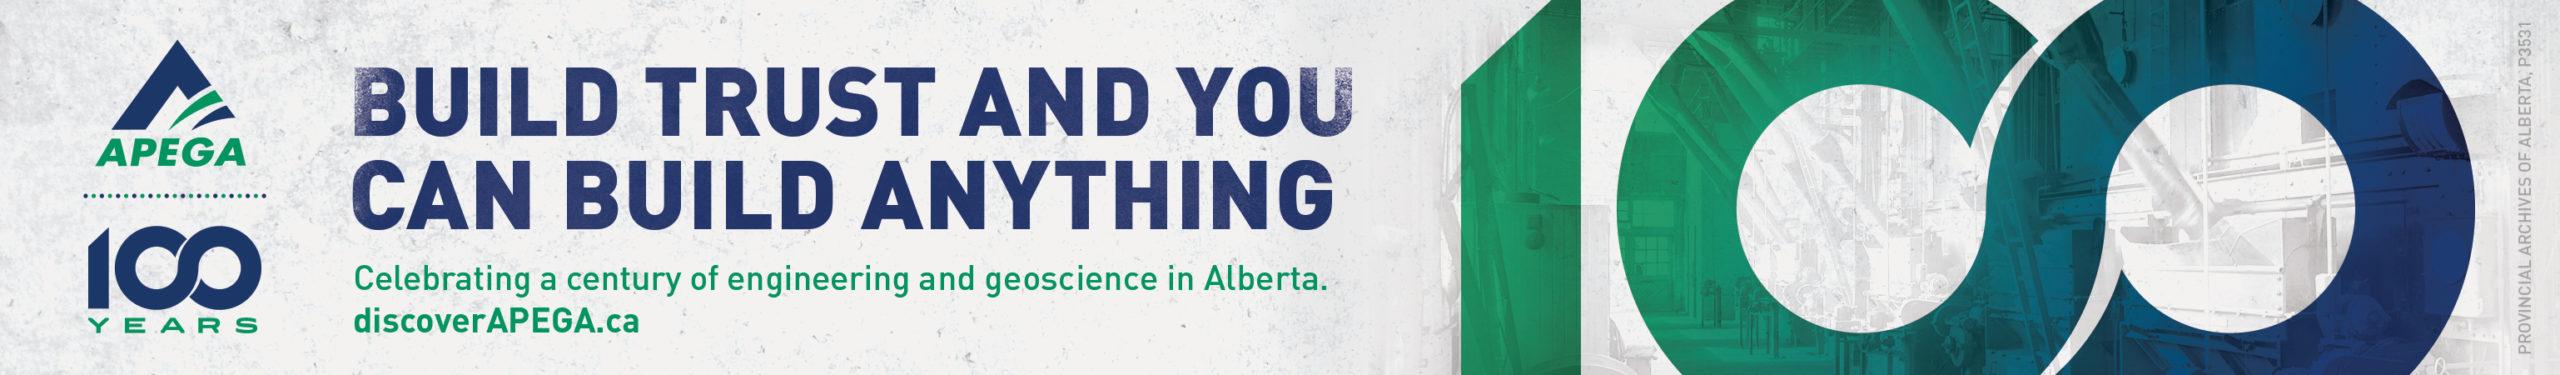 Online Advertising Alberta APEGA